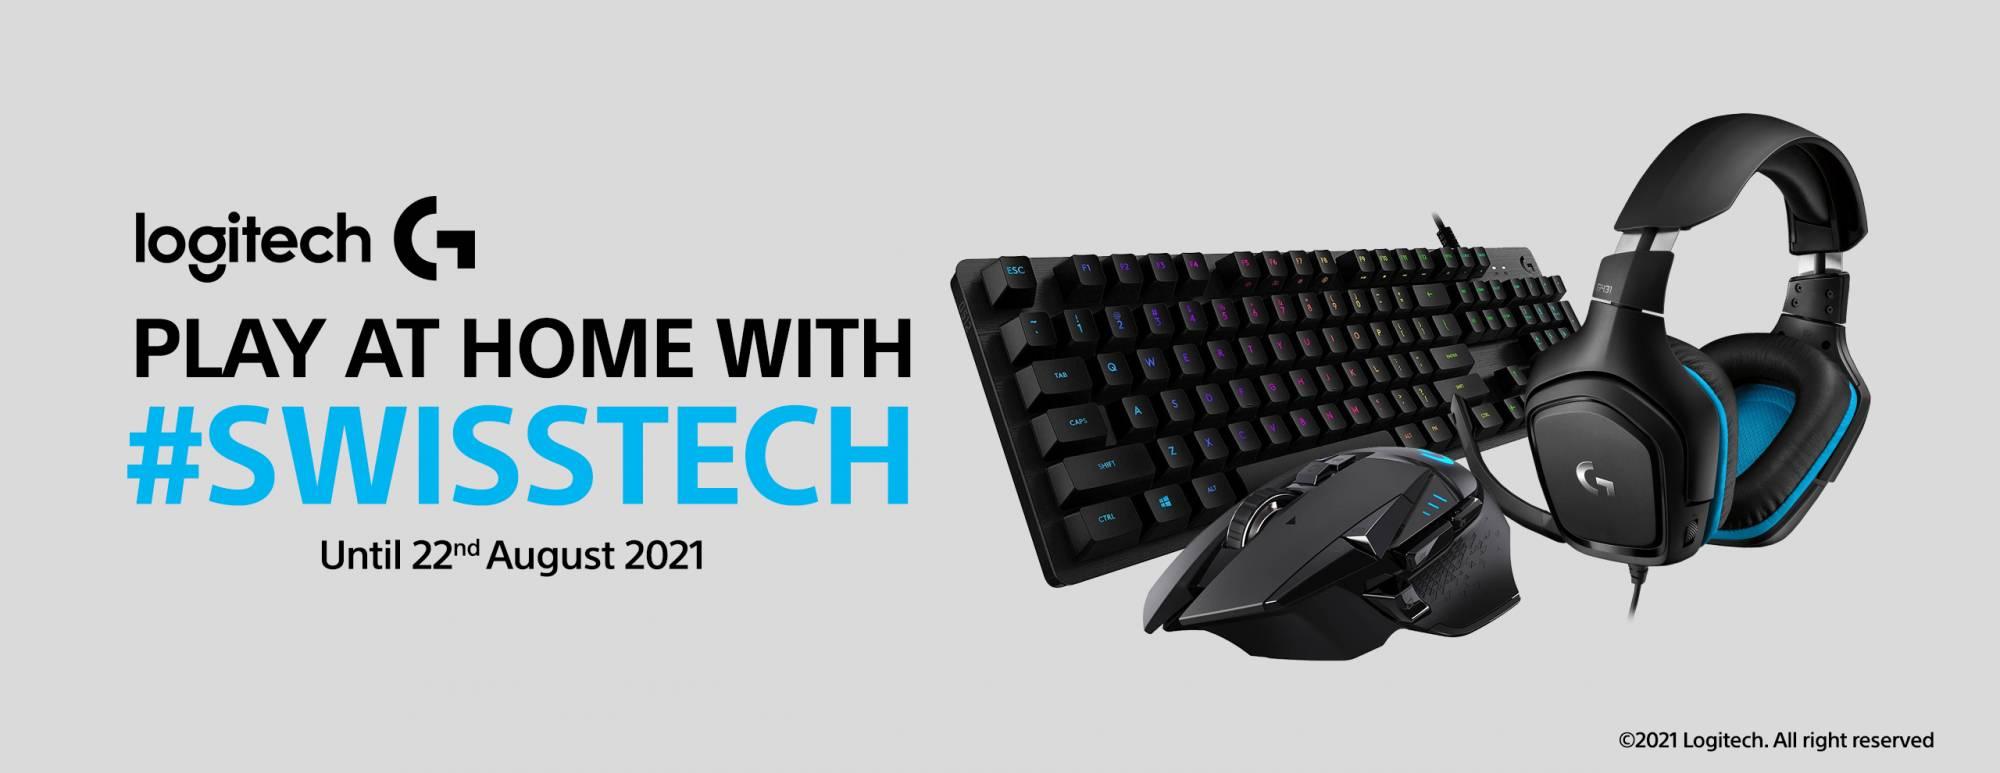 Logitech Swisstech Promo